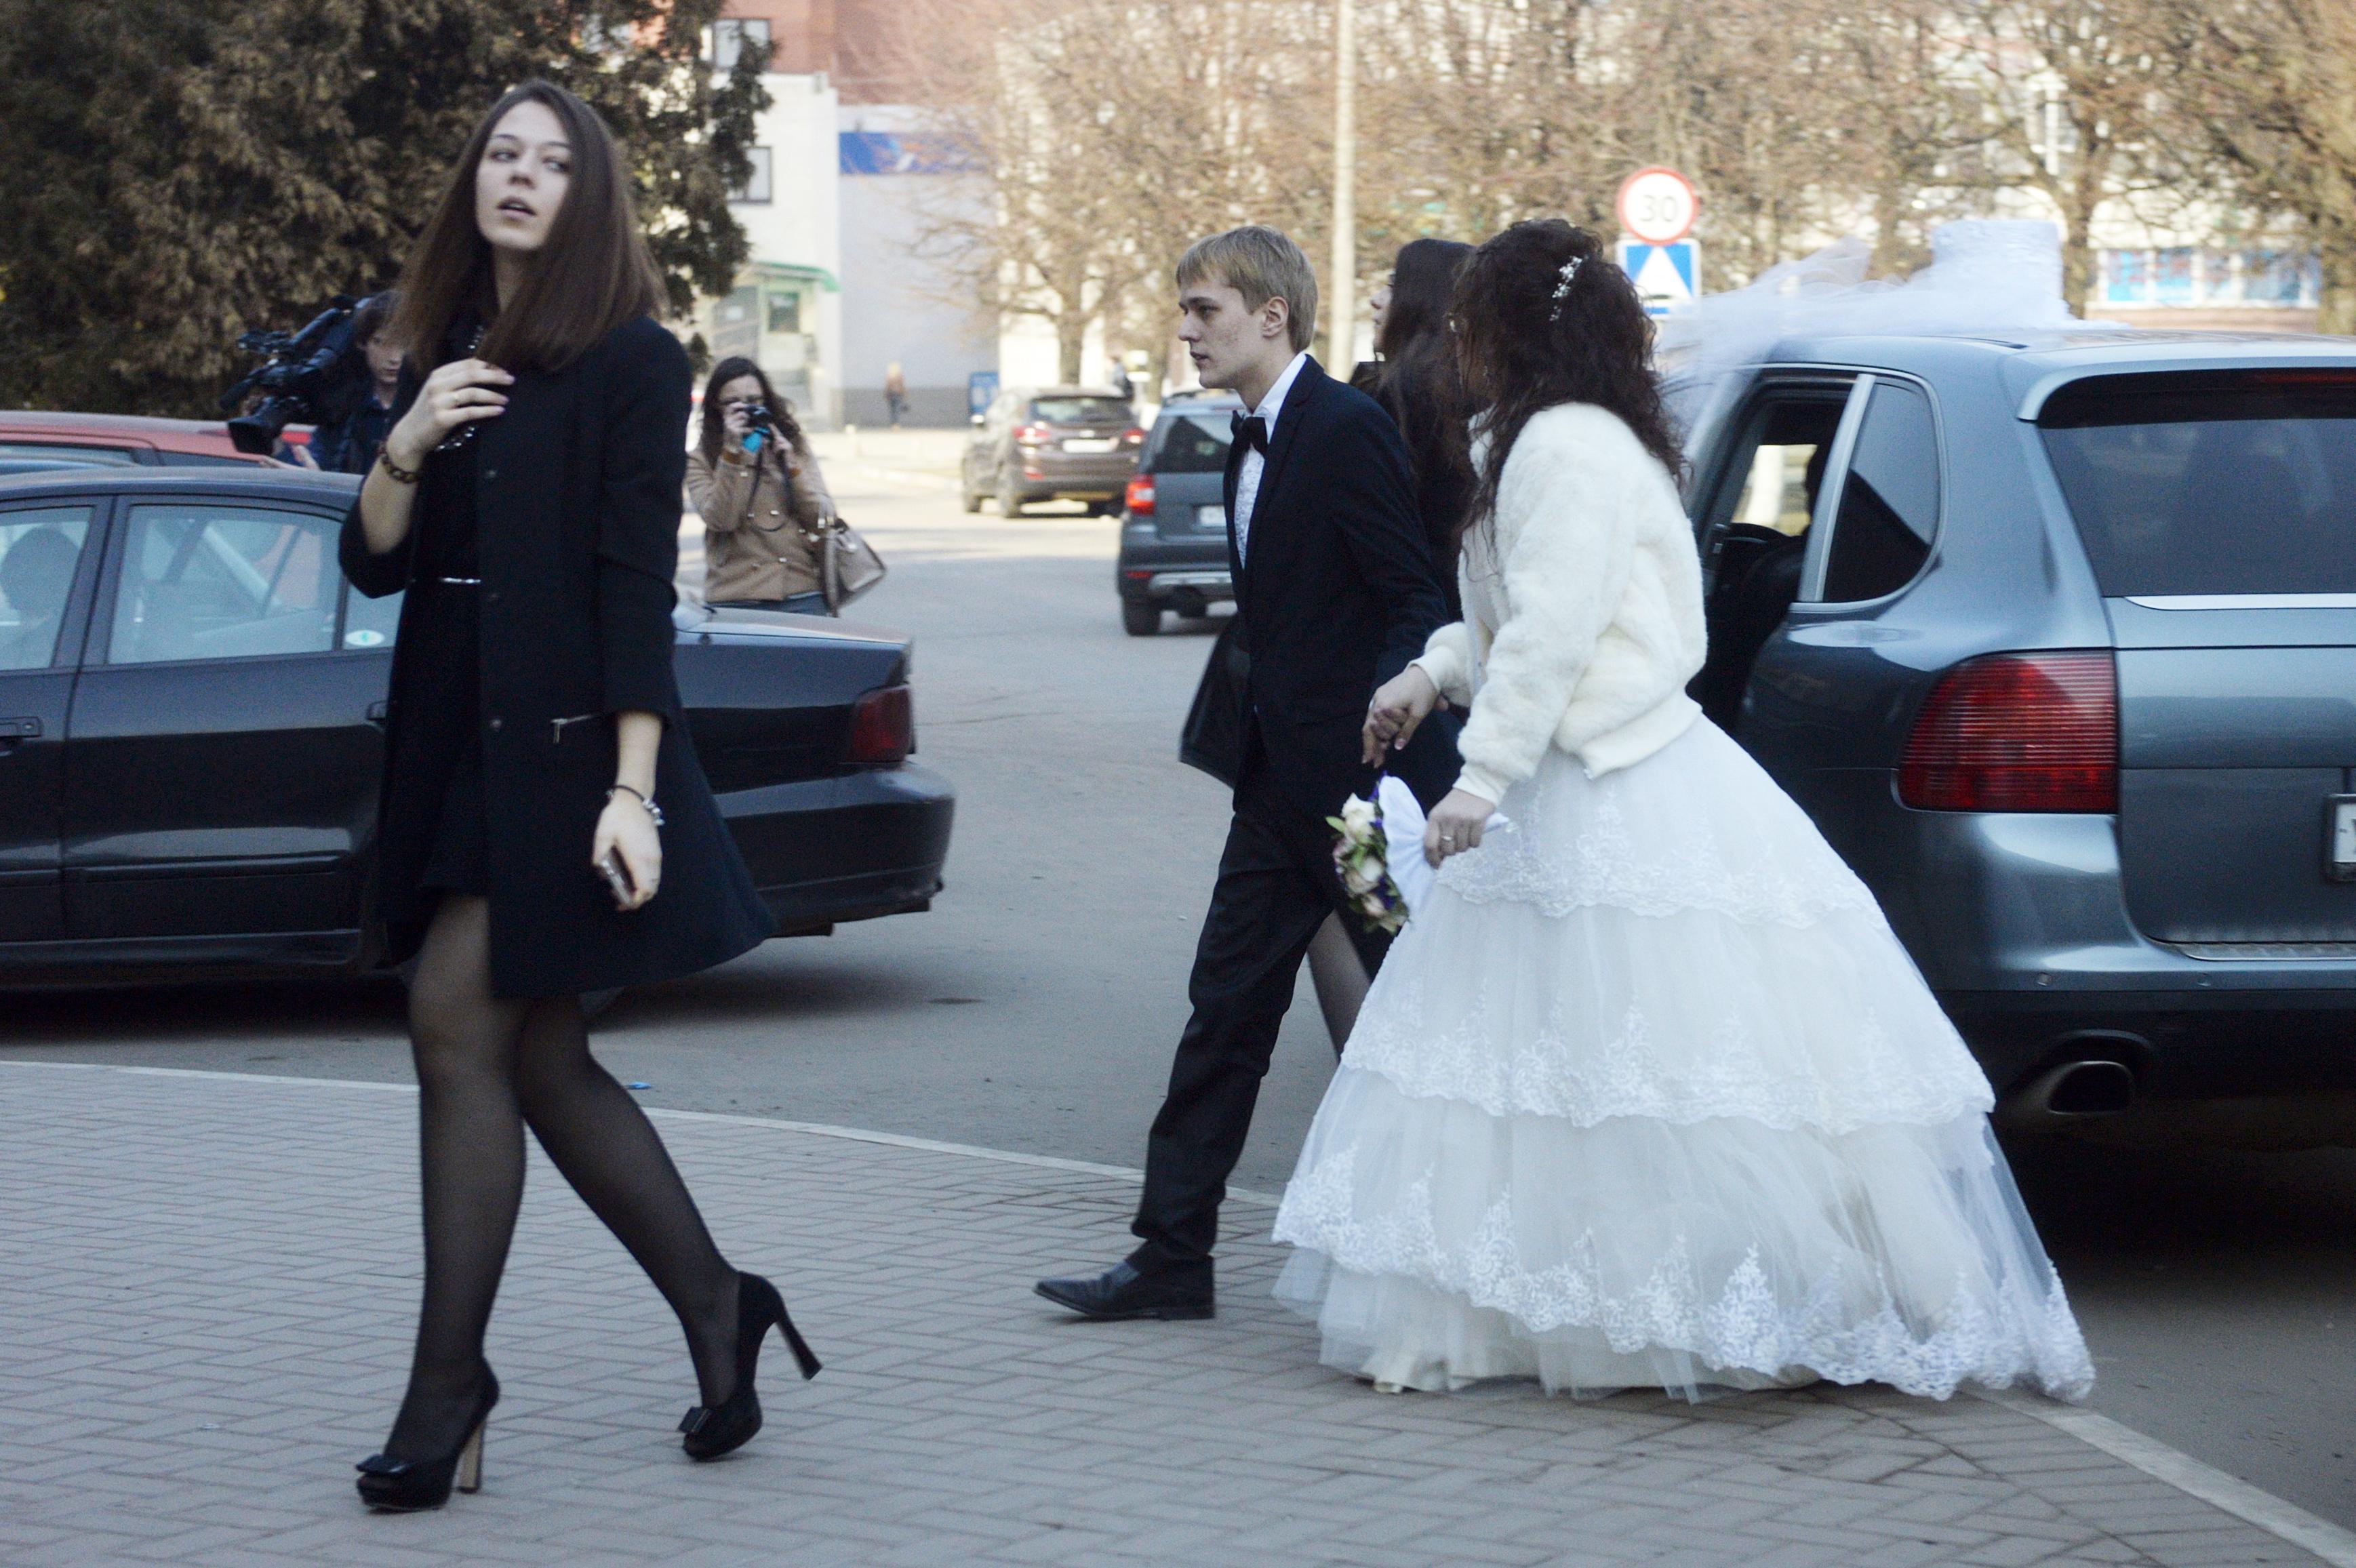 Мария бикмаева и сергей зверев свадьба фото